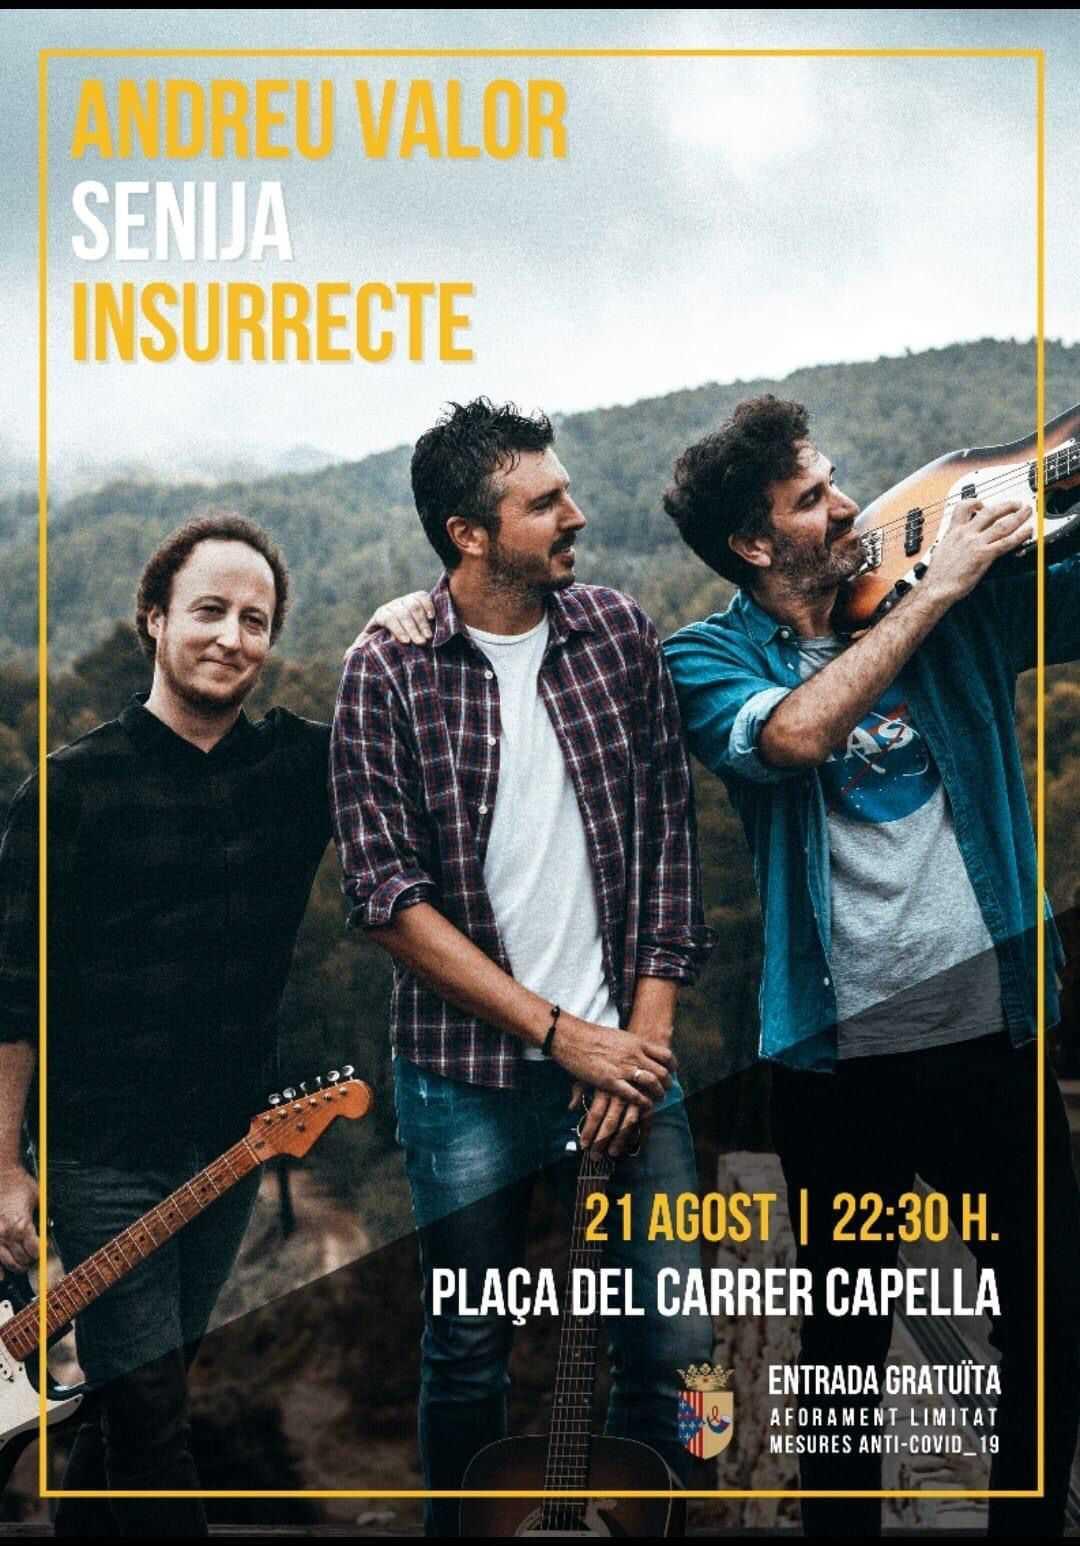 Andreu Valor 'Insurrecte' - Concert a Senija